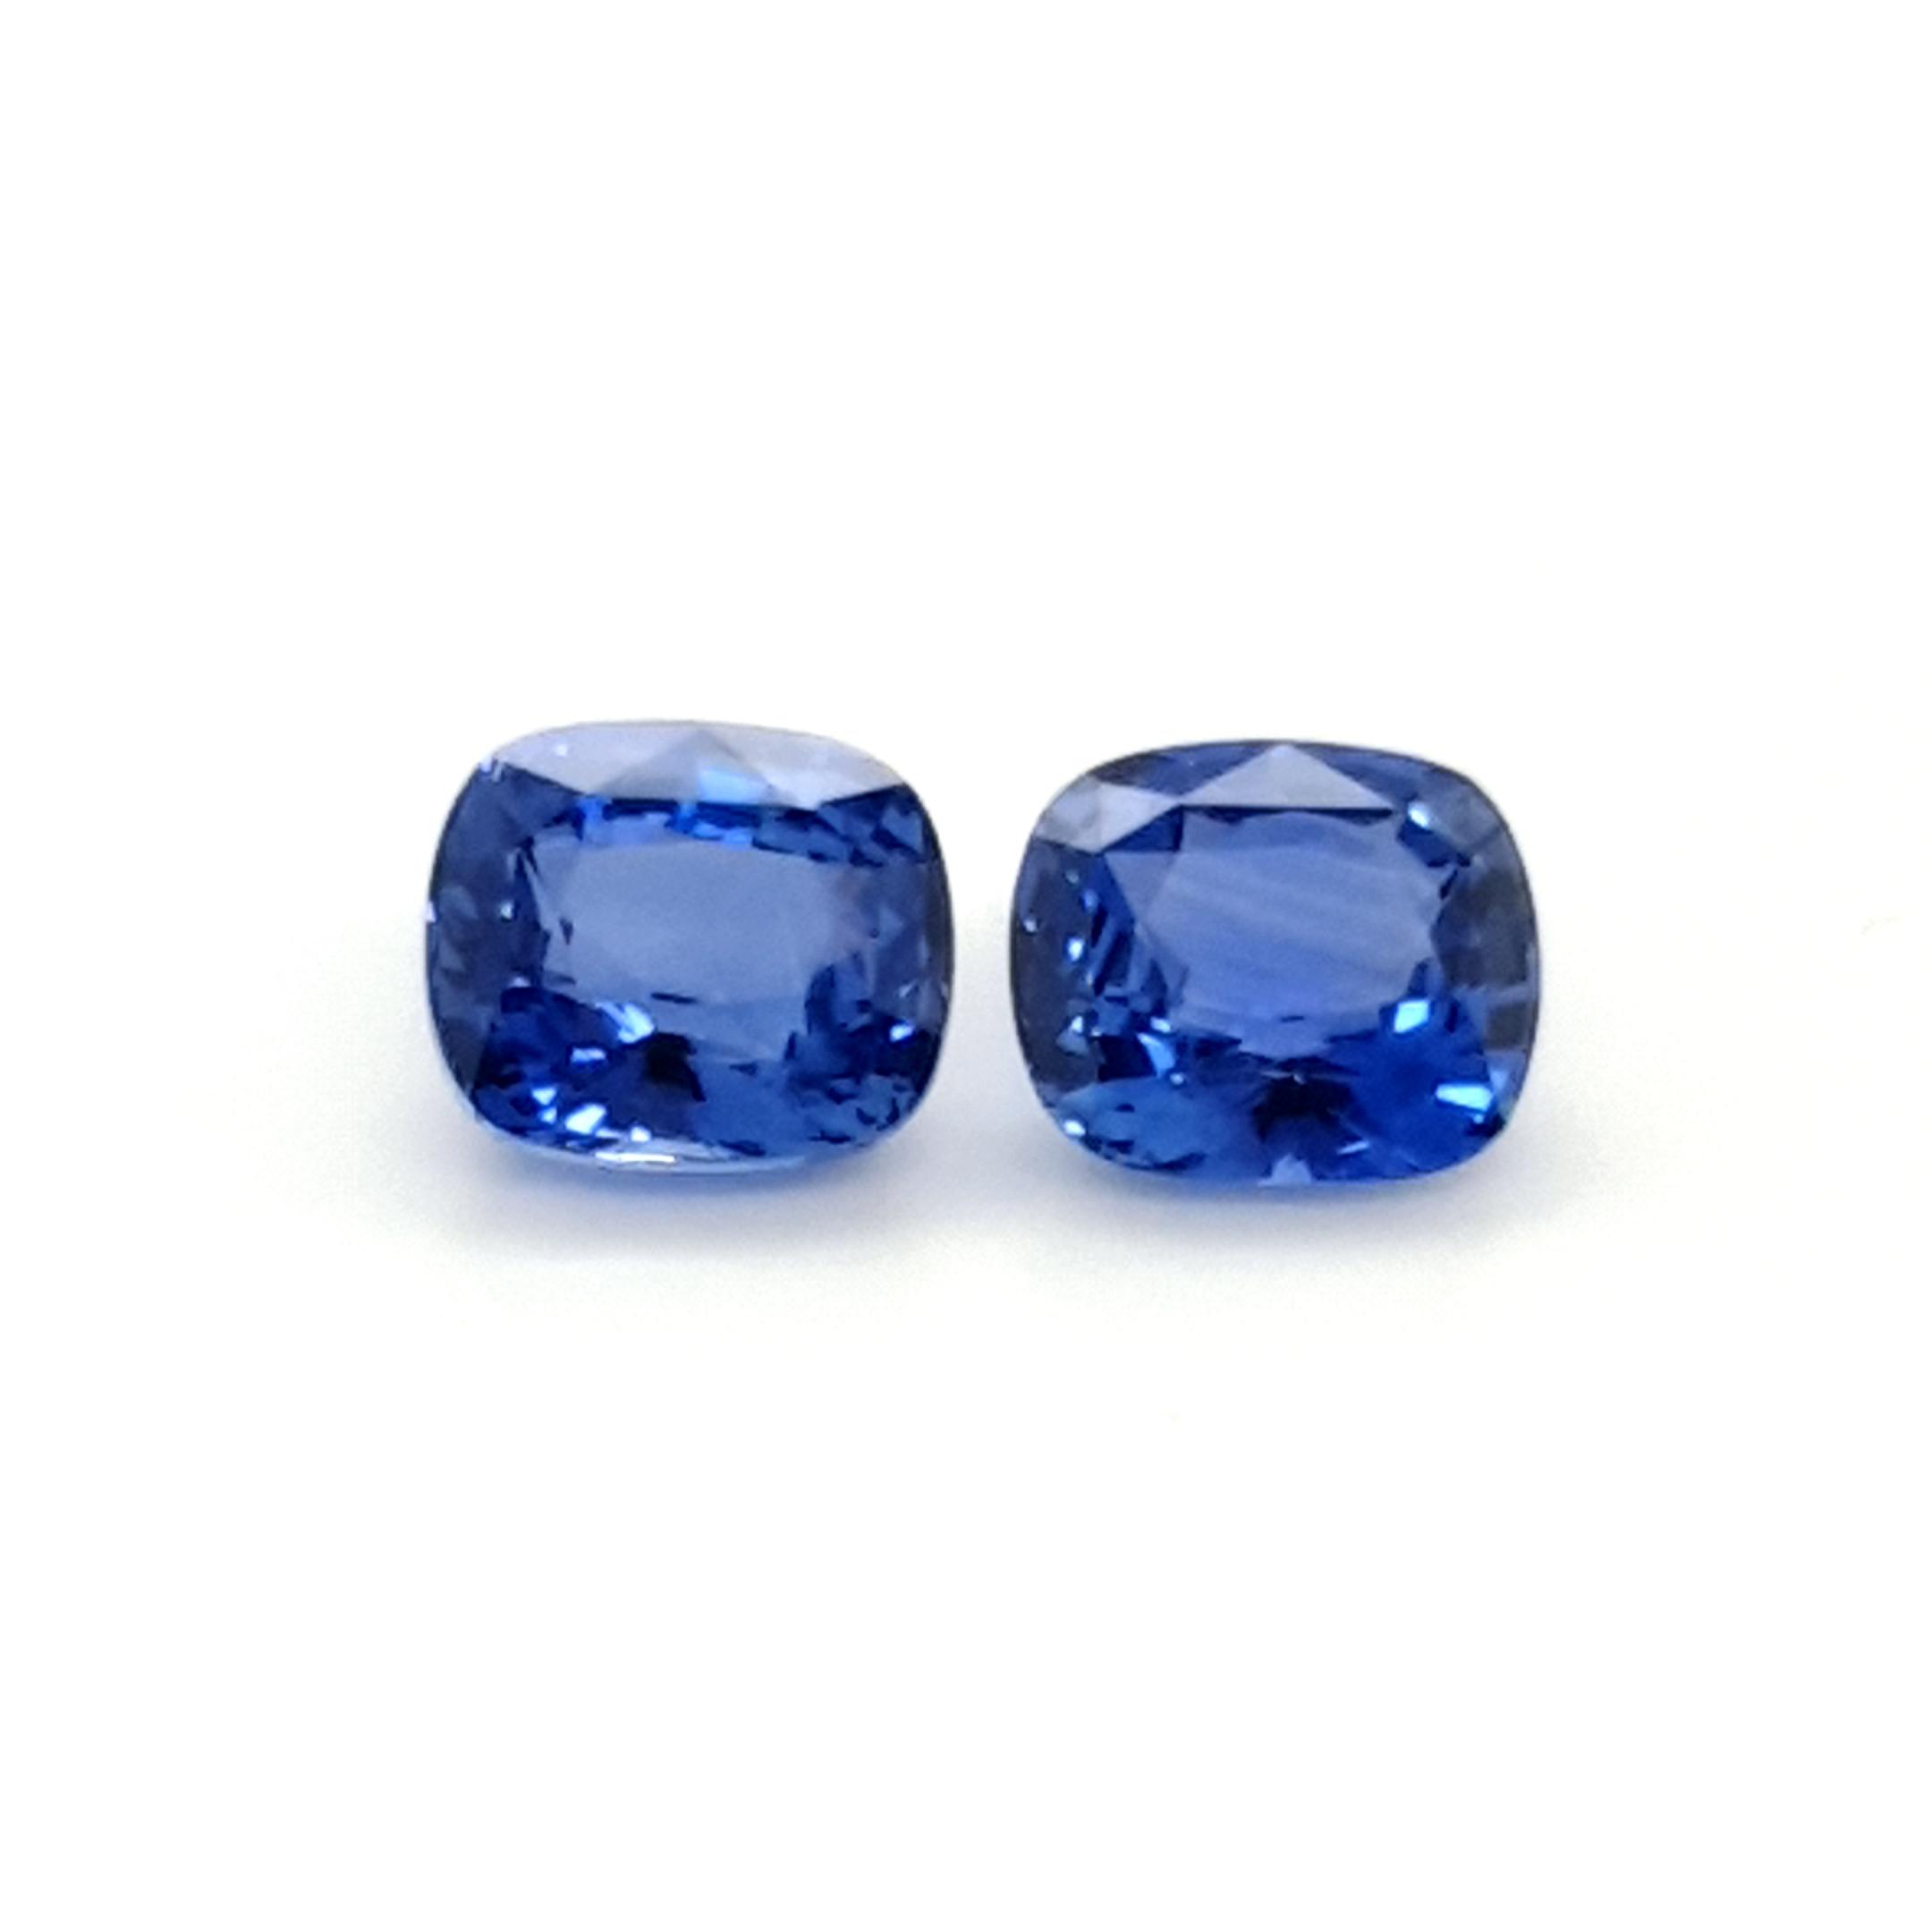 6,28ct. Pair Sapphire Ceylon cert. SAB19D9 ClaudiaHamann__2021-06-03-09-45-23